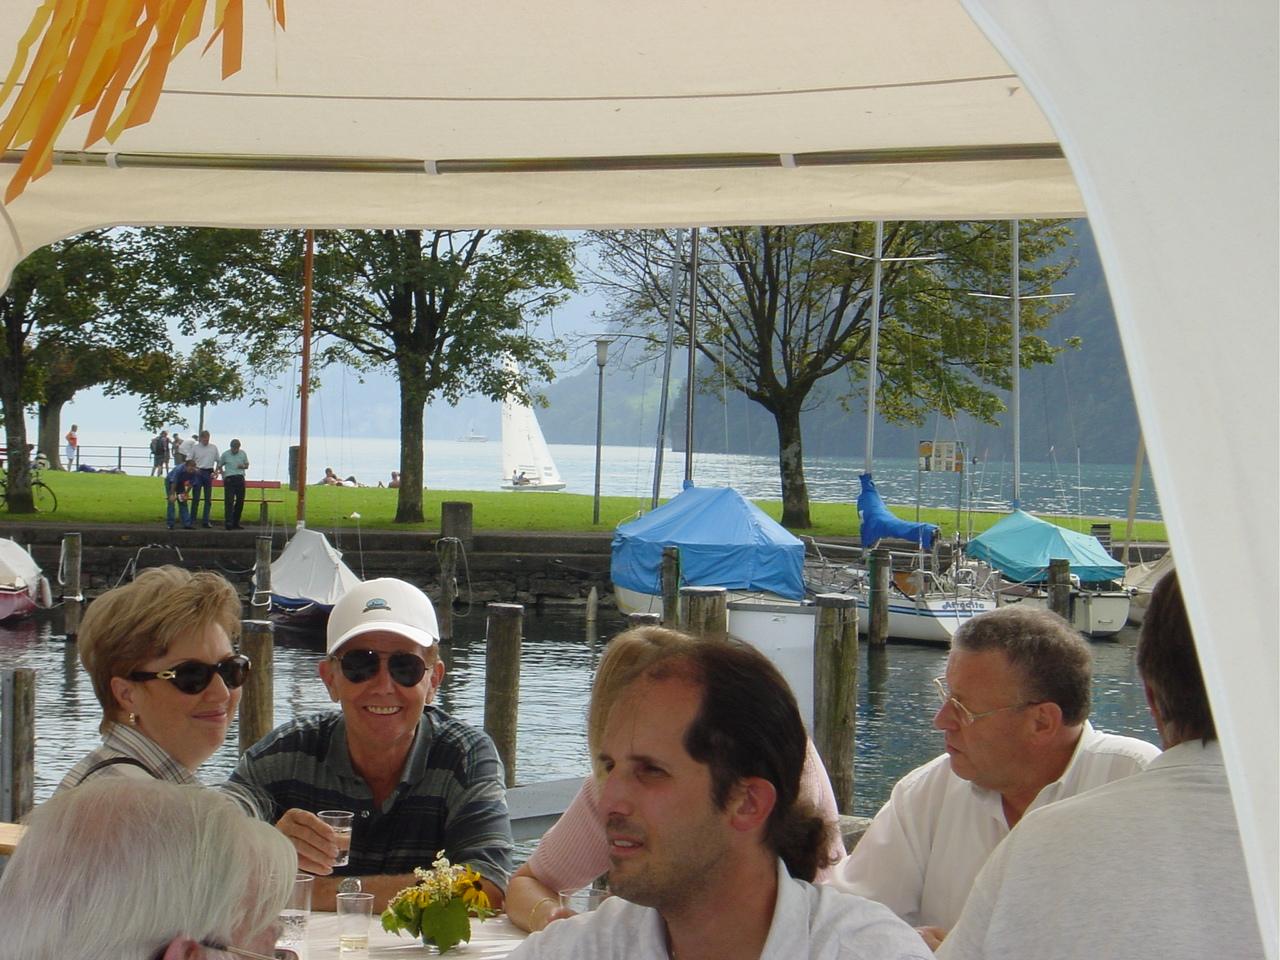 foehnhafen-brunnen-igf-hafentreff-2002-07